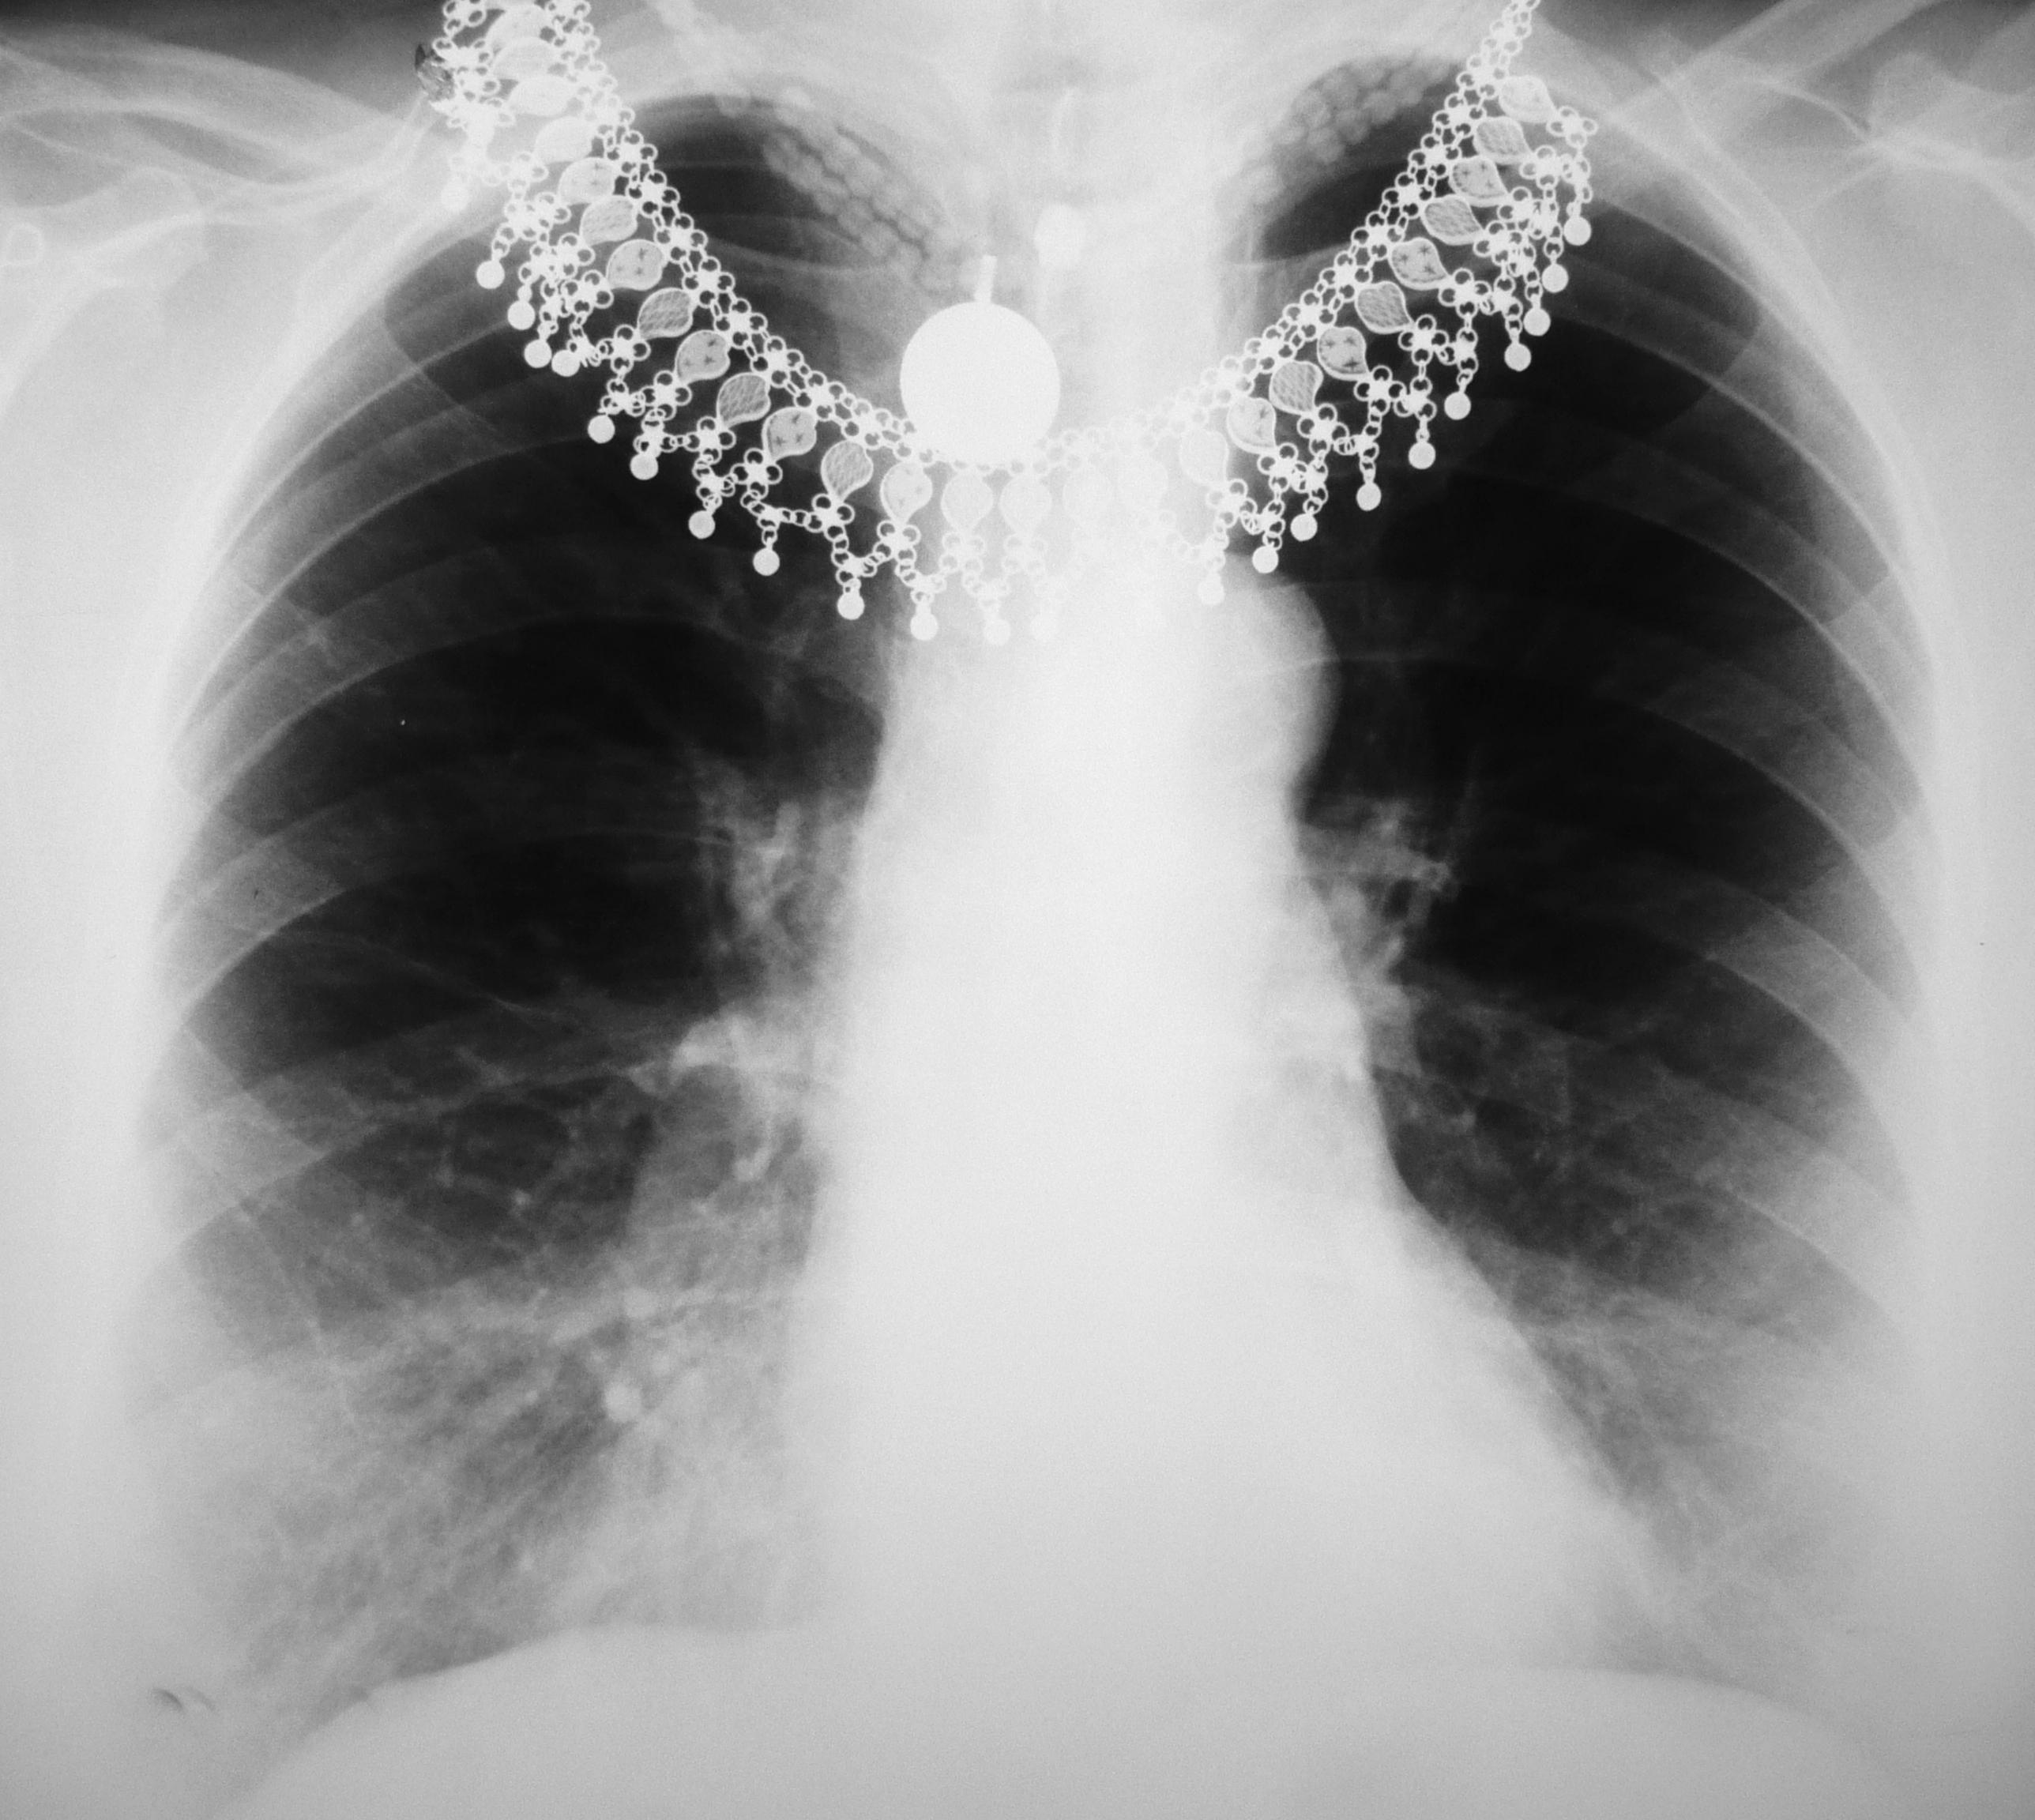 Description Chest X-ray 1300274 cr.jpg